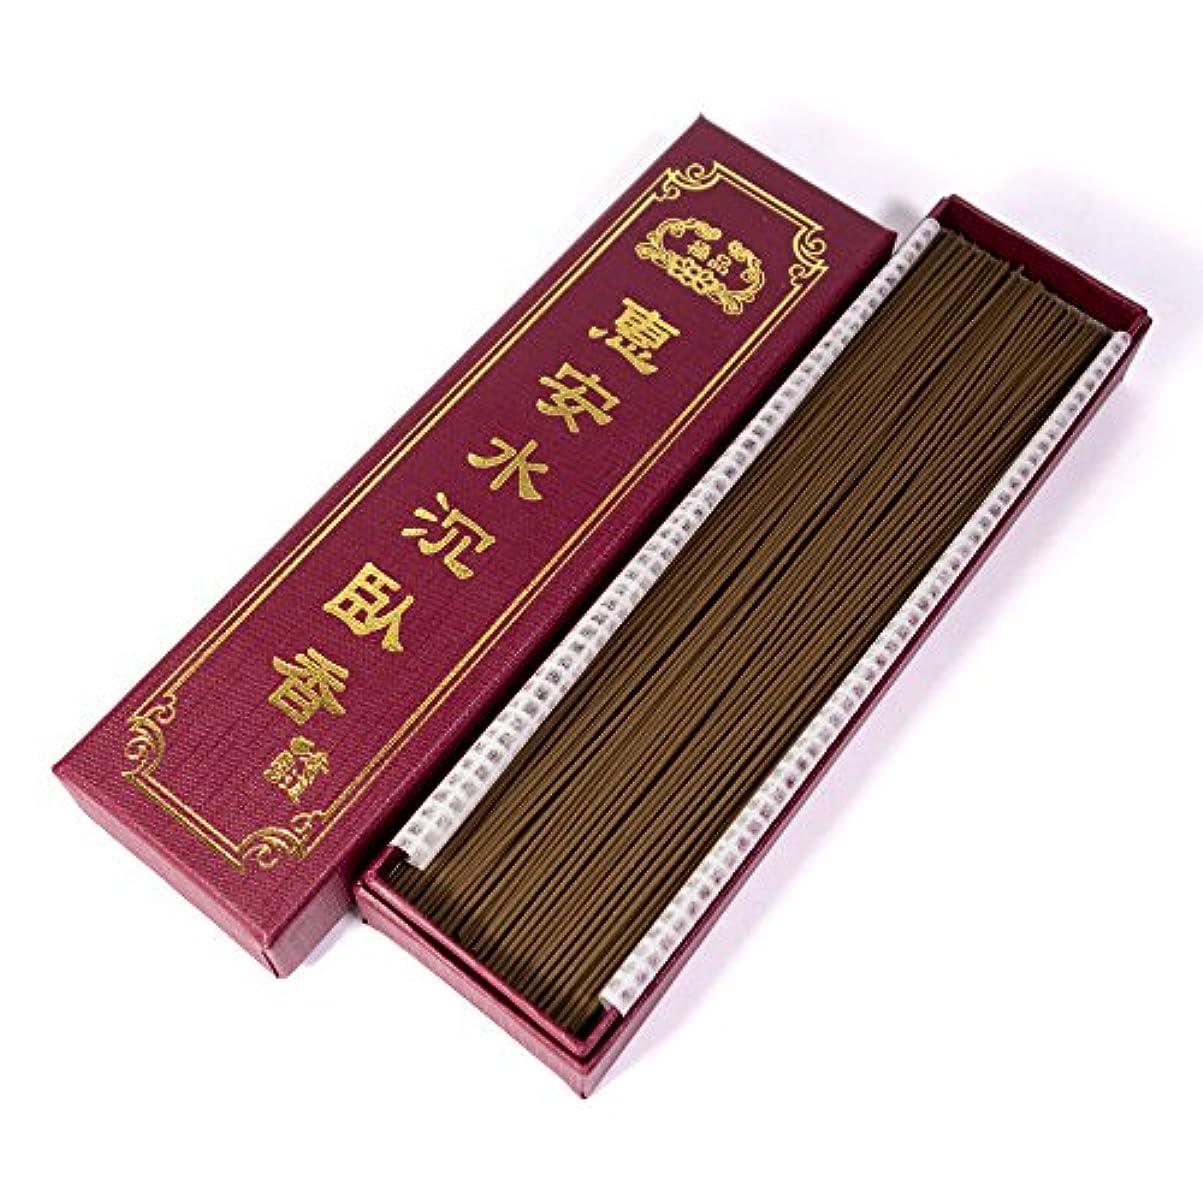 たるみ免除する古い台湾沉香舍 お香 香木 線香 水沈香 惠安水沈香 煙少香 21cm 75g 約220本